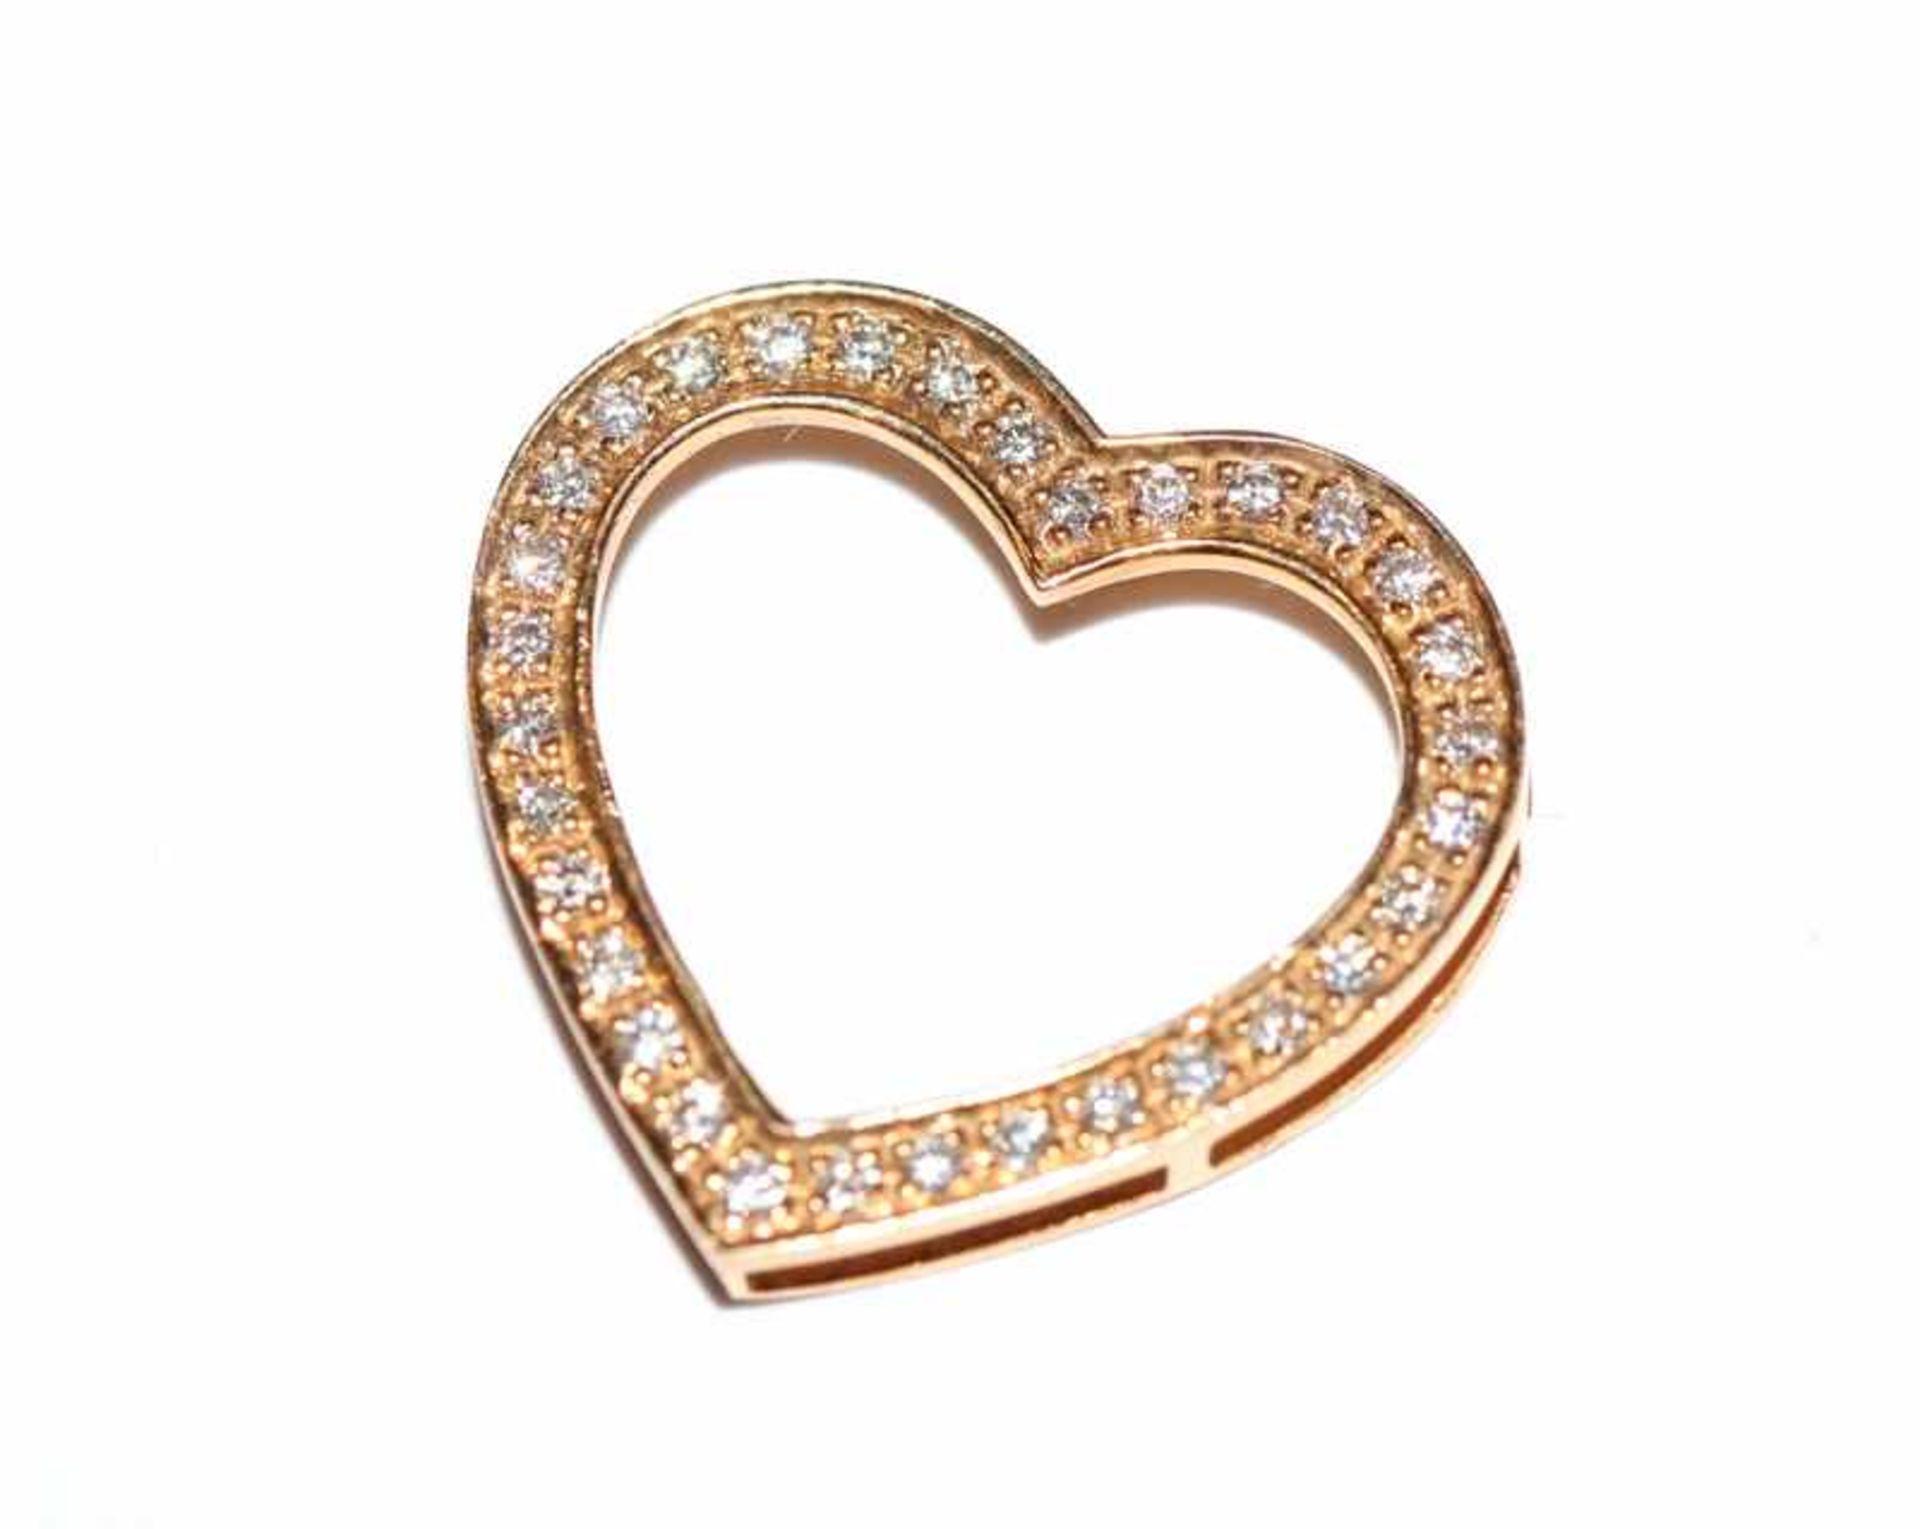 Los 51 - 14 k Roségold Herz-Einhänger mit 32 Diamanten, H 2 cm